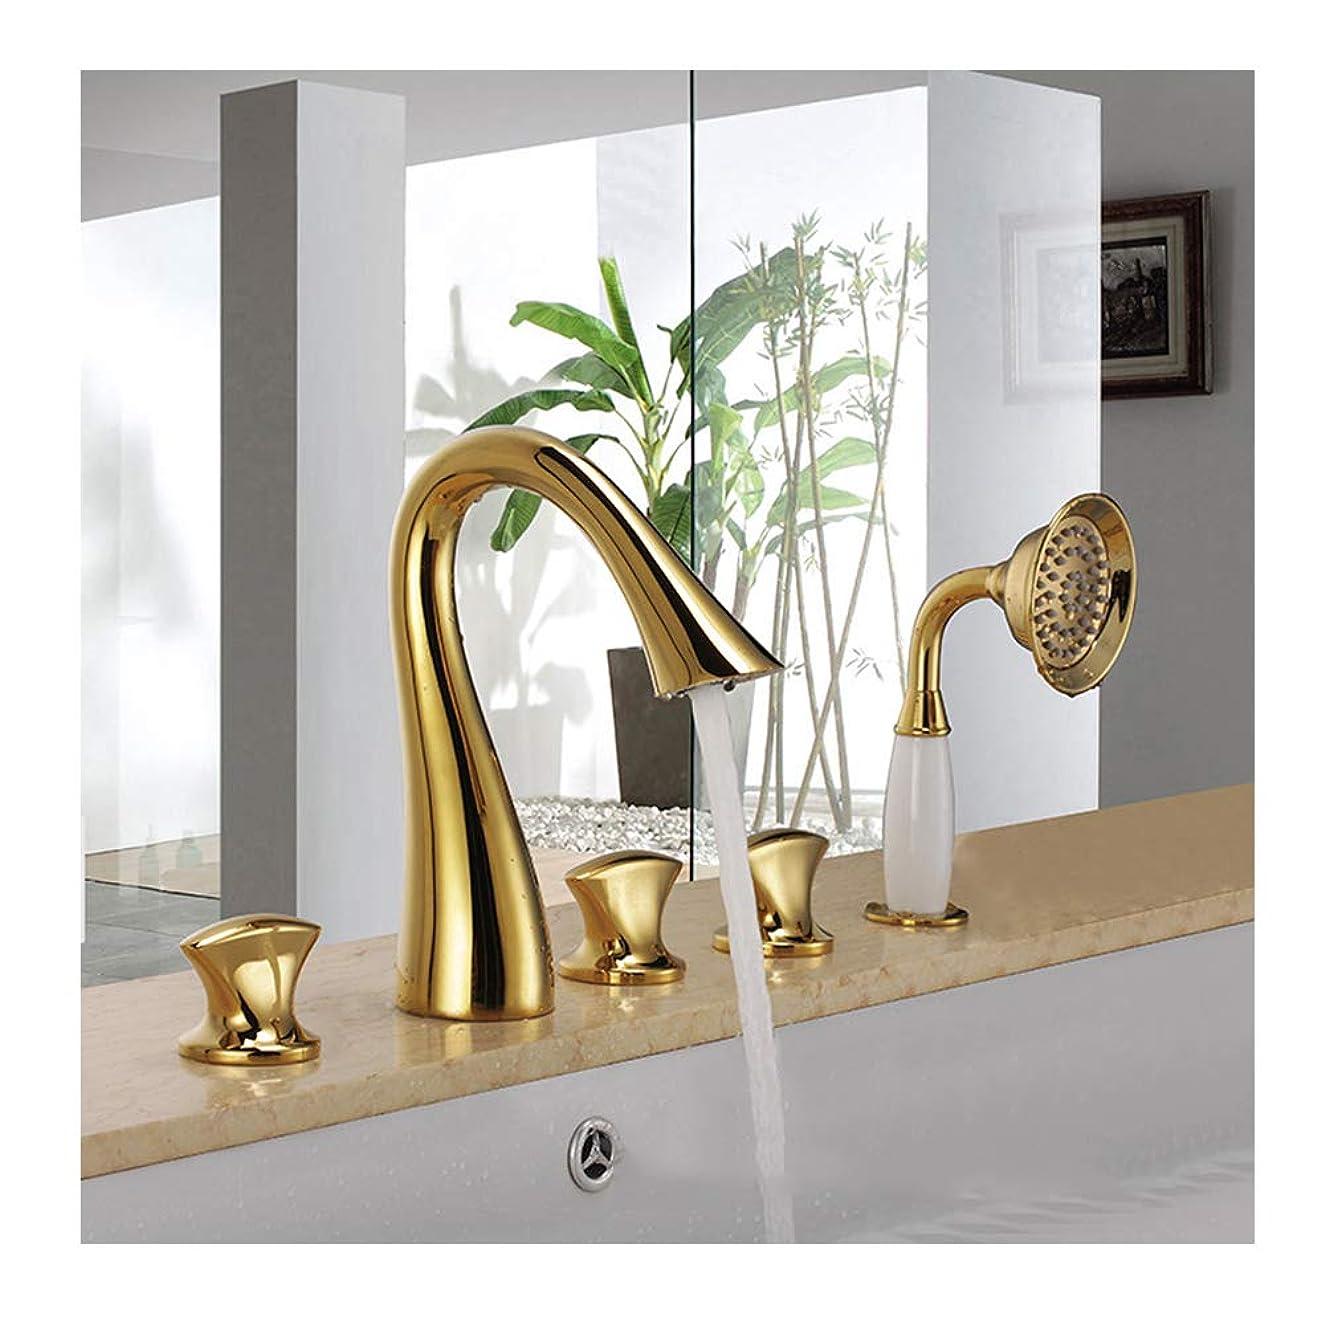 キャップ句ブレスチタンゴールドバスタブ蛇口温水と冷水広範囲5穴3ハンドルグースネックバスルーム浴槽の蛇口デッキマウントバスシャワーミキサータップハンドヘルドシャワー付き